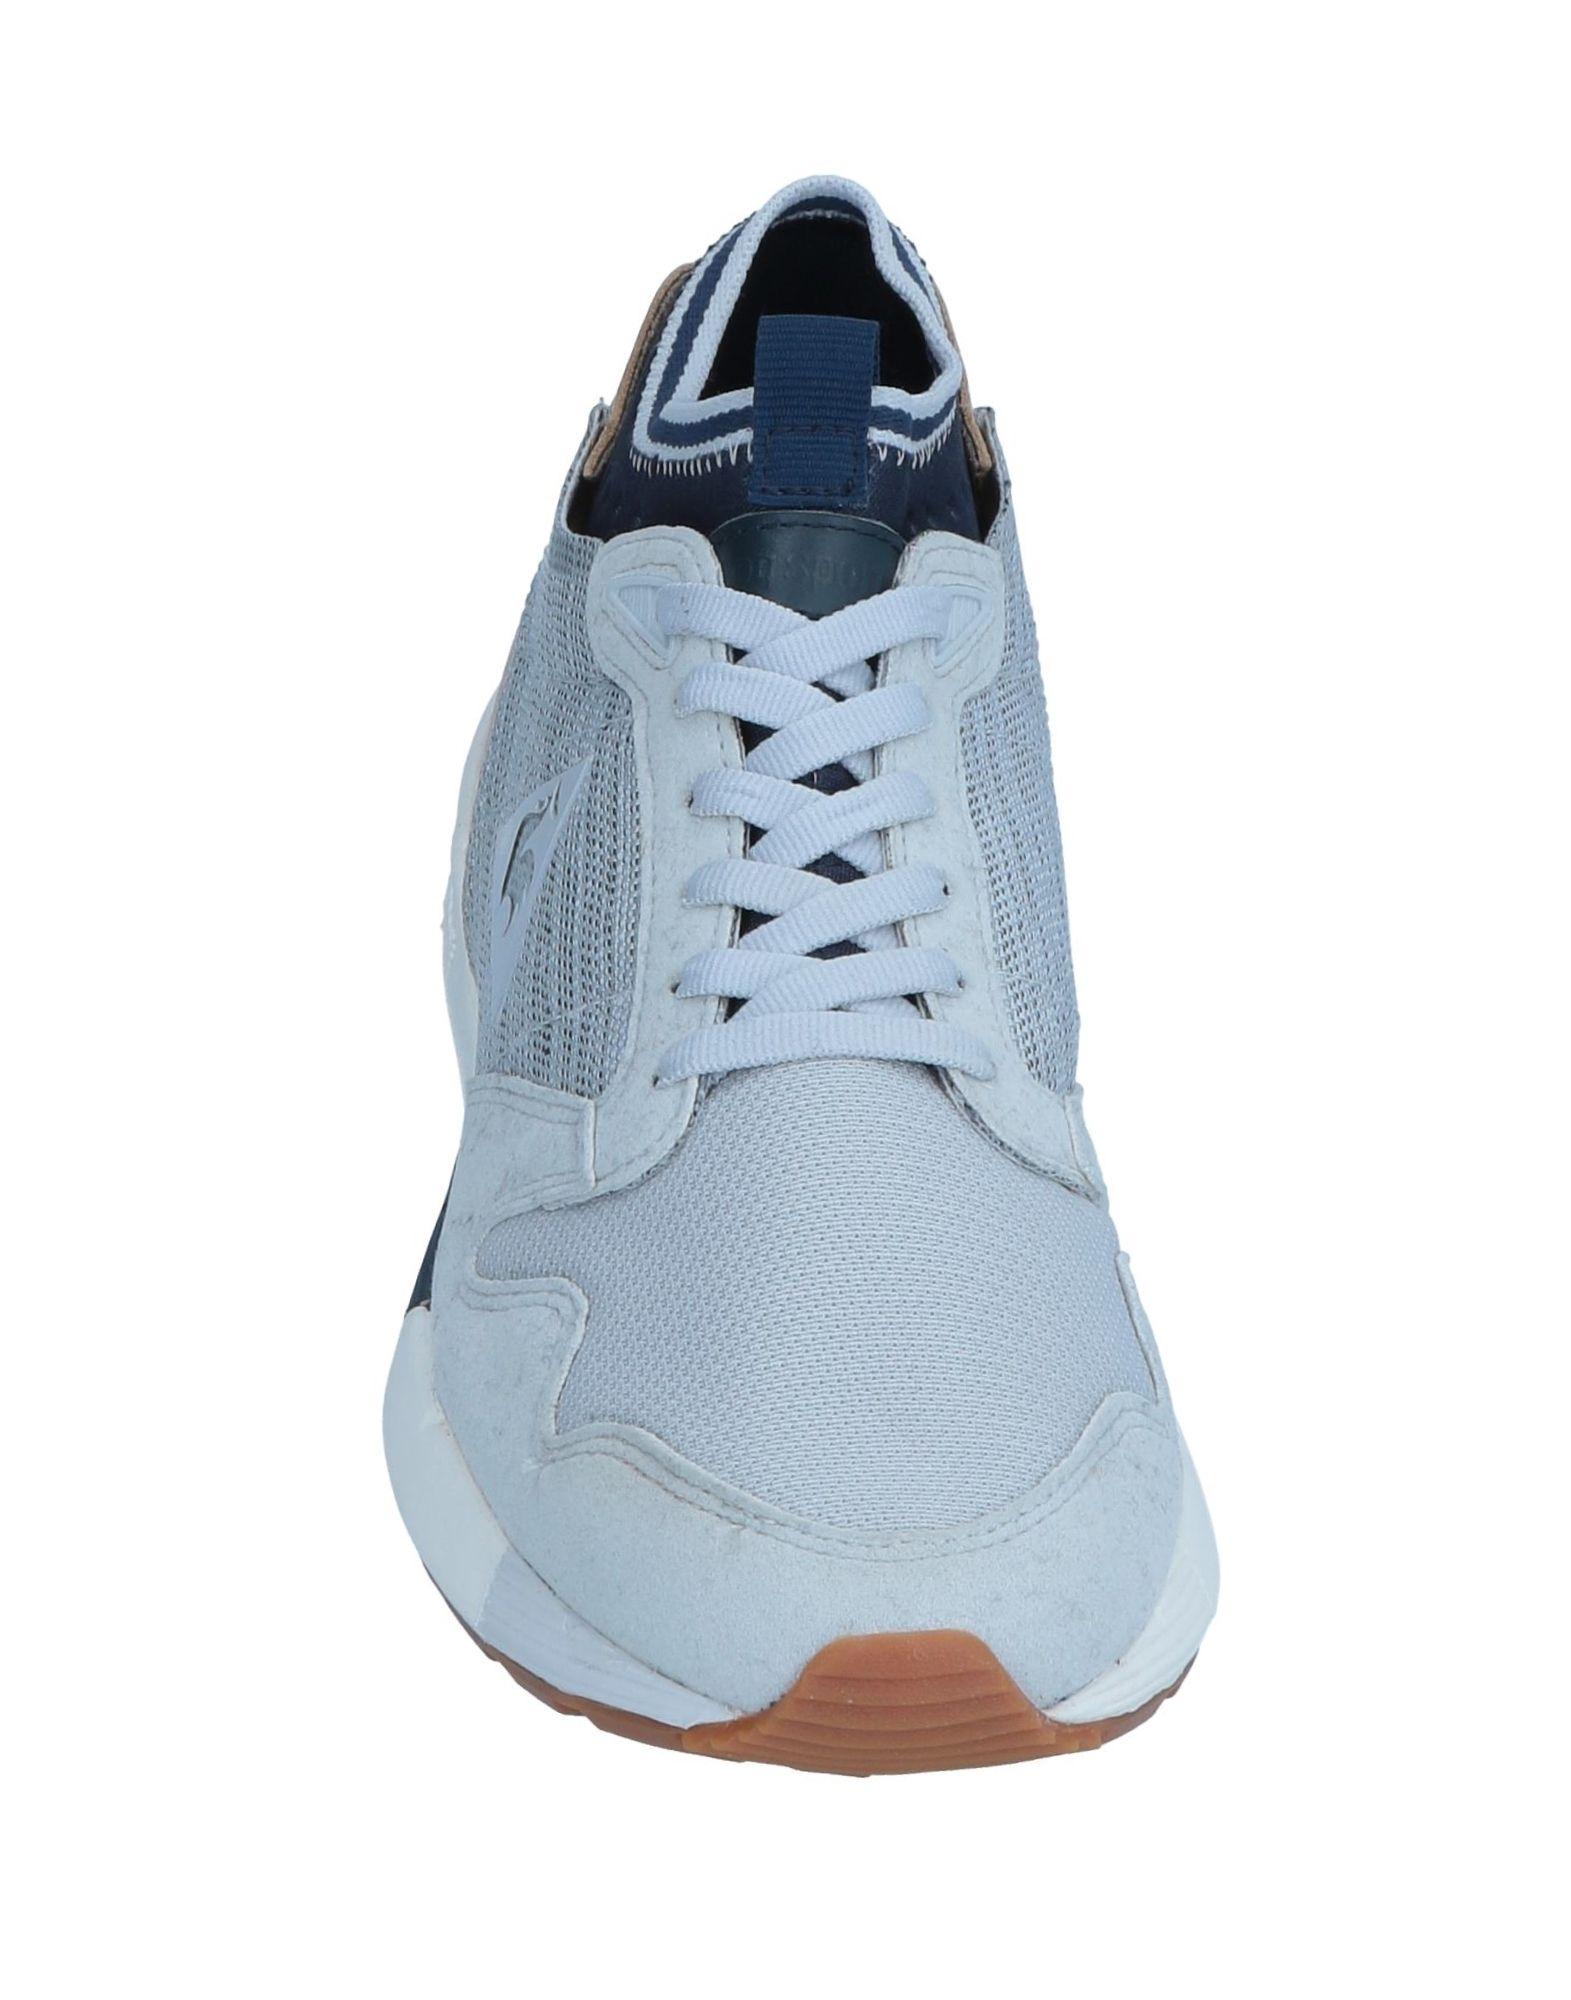 Rabatt echte Schuhe Le  Coq Sportif Sneakers Herren  Le 11545657FR 3b5244